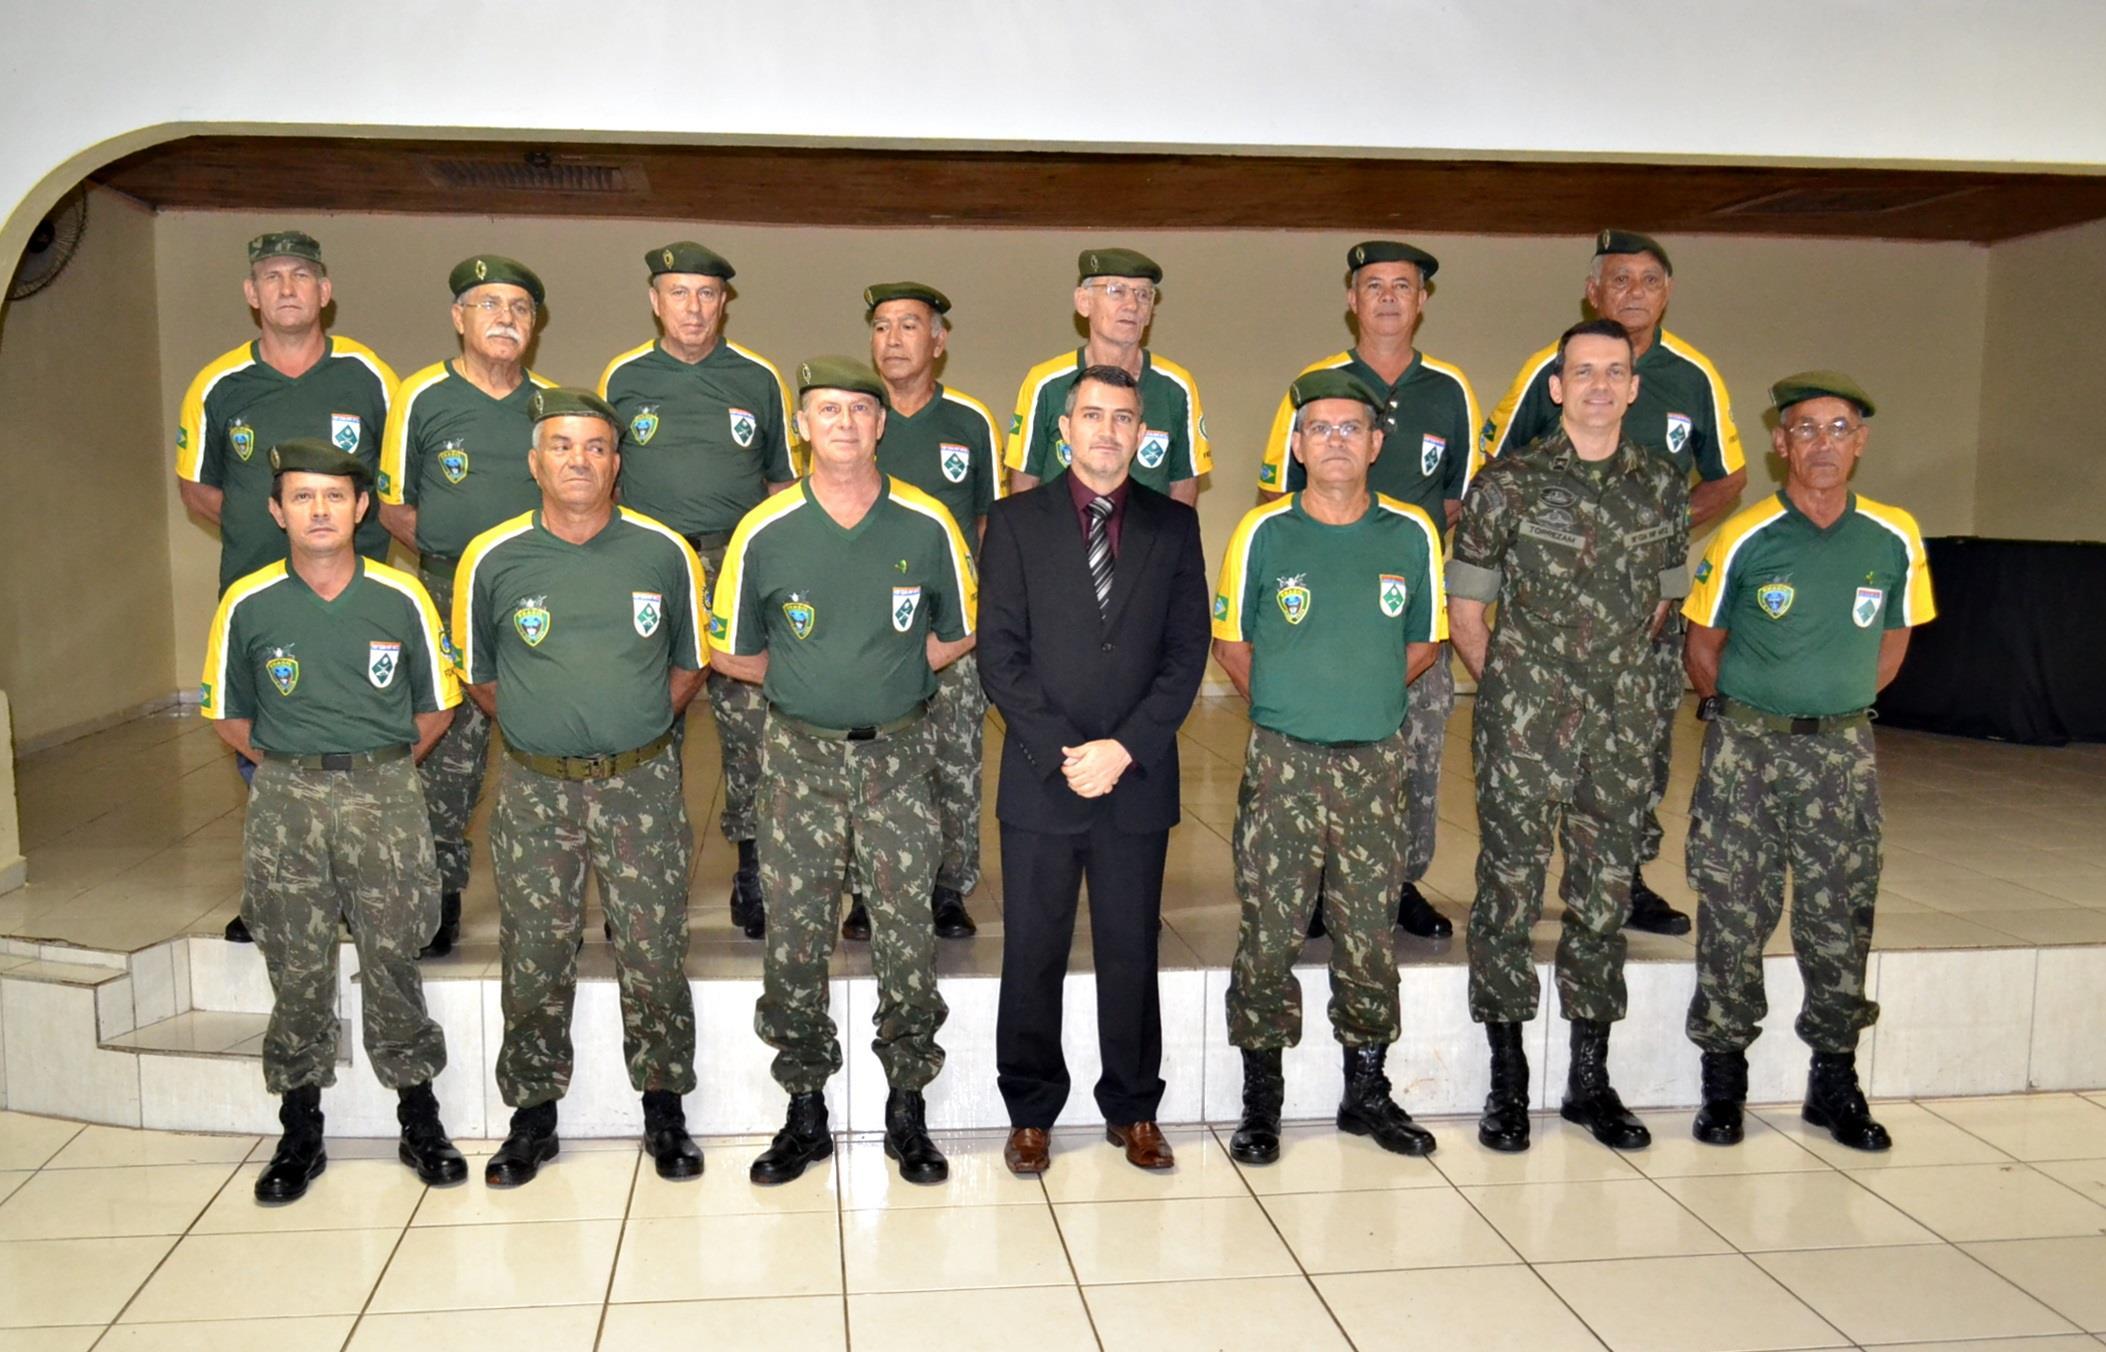 Vereador Almir Bueno e comandante da 15ª Companhia de Infantaria Motorizada Major Rodrigo Campos Torrezam com o Pelotão Aroeira, do quadro reserva